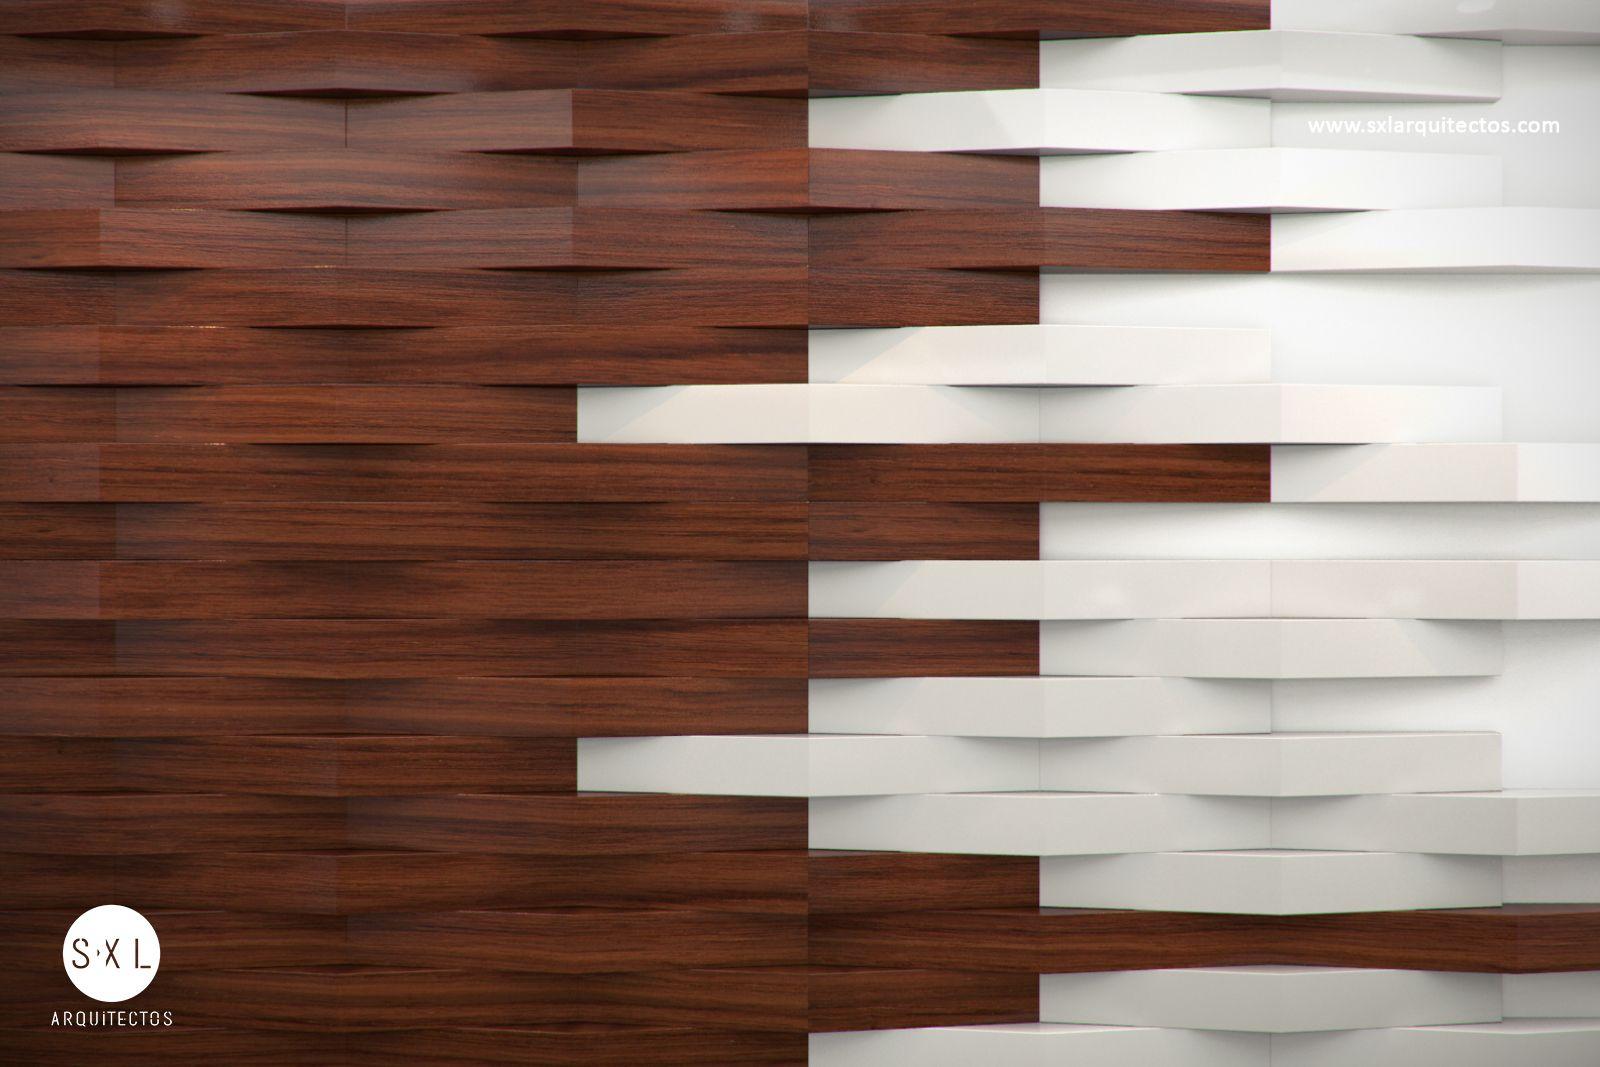 Detalle en muro con paneles de madera recepci n oficinas Muros de madera